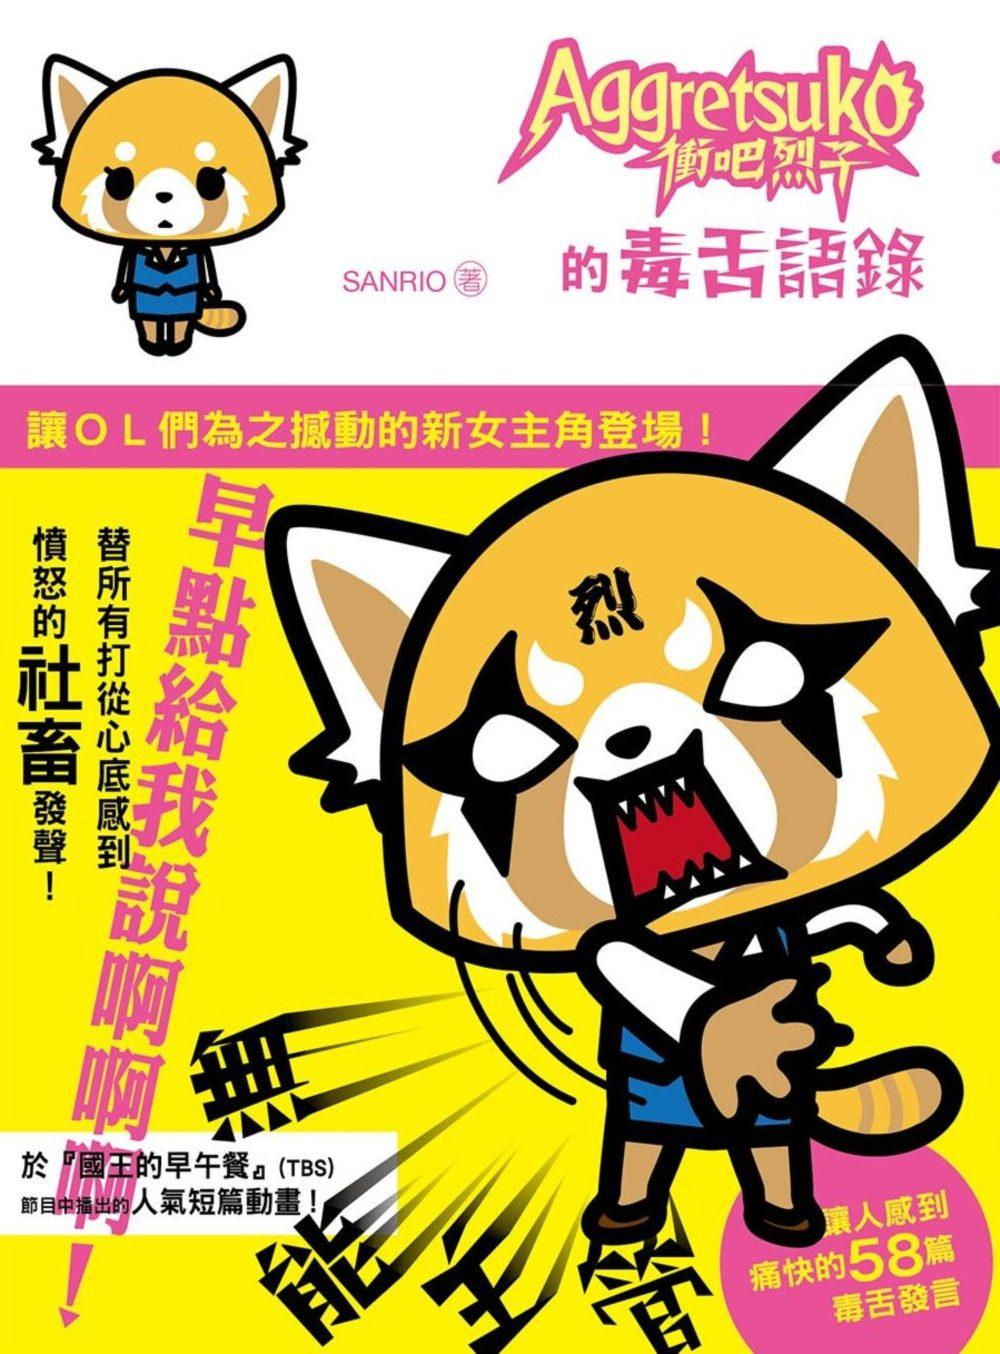 被黑船网飞敲开国门一年来,日本动画发生了什么?